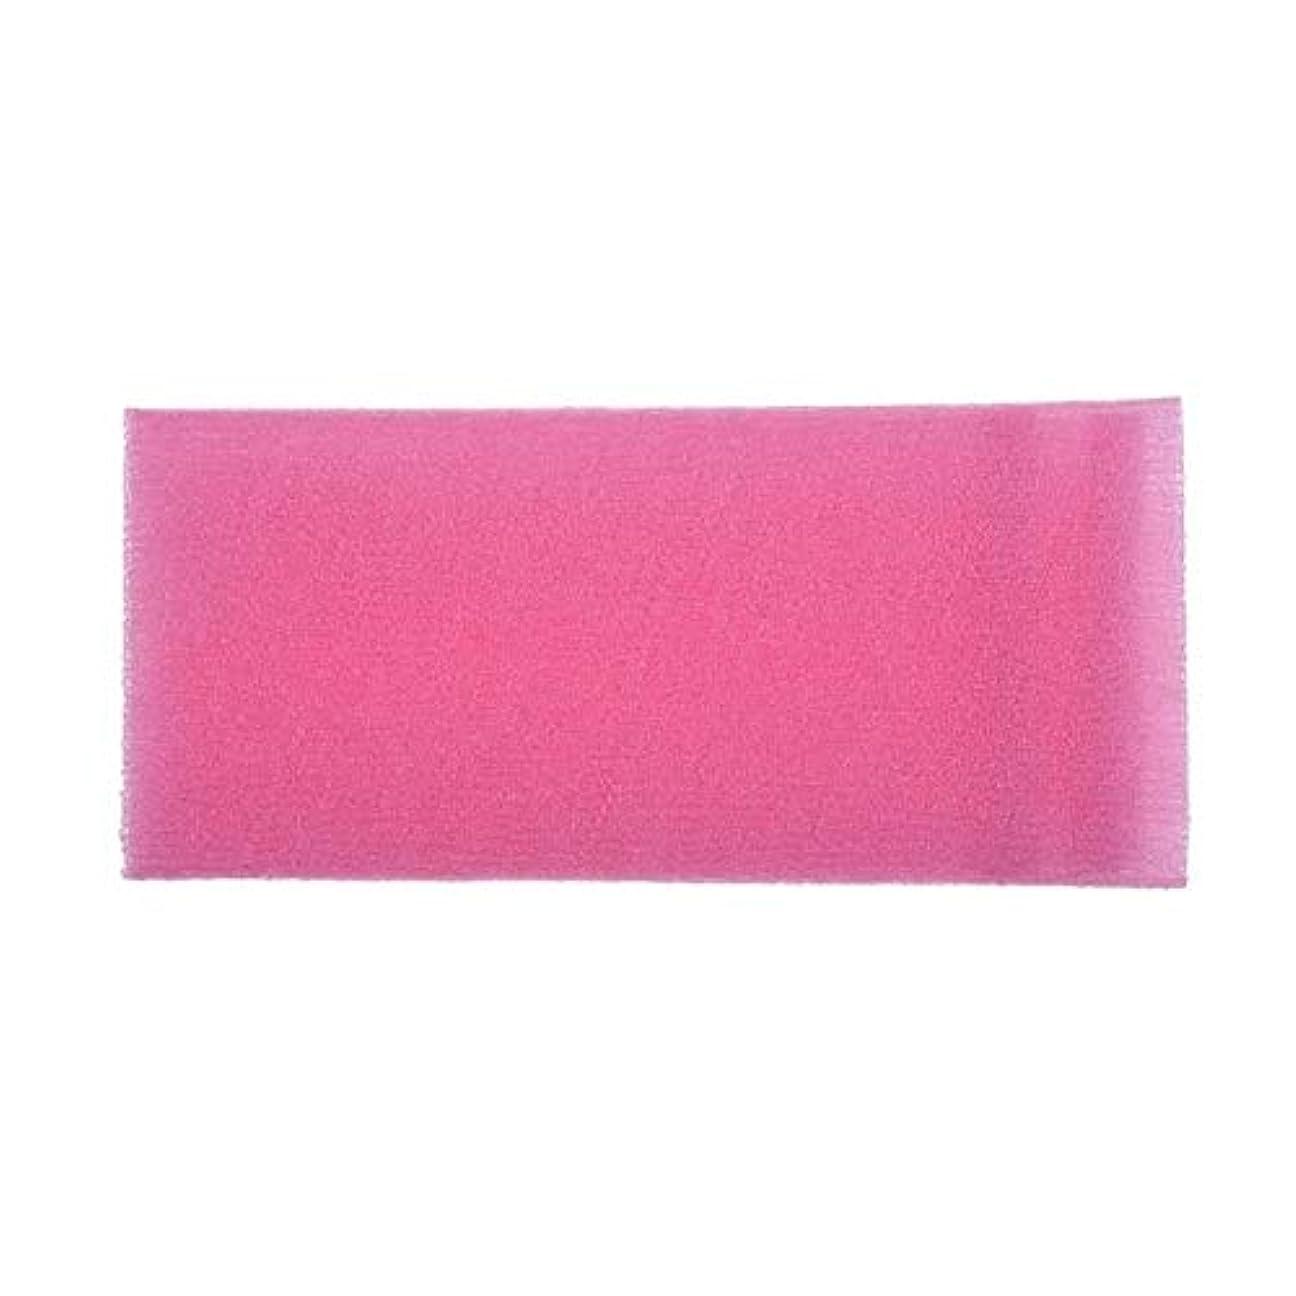 ピル派生する実行バスルーム用品 2ピースロングナイロンメッシュ風呂シャワーボディ洗濯きれいなパフスクラブタオル布スクラバーボディフェイスウォッシュクリーニングタオル (色 : ピンク)